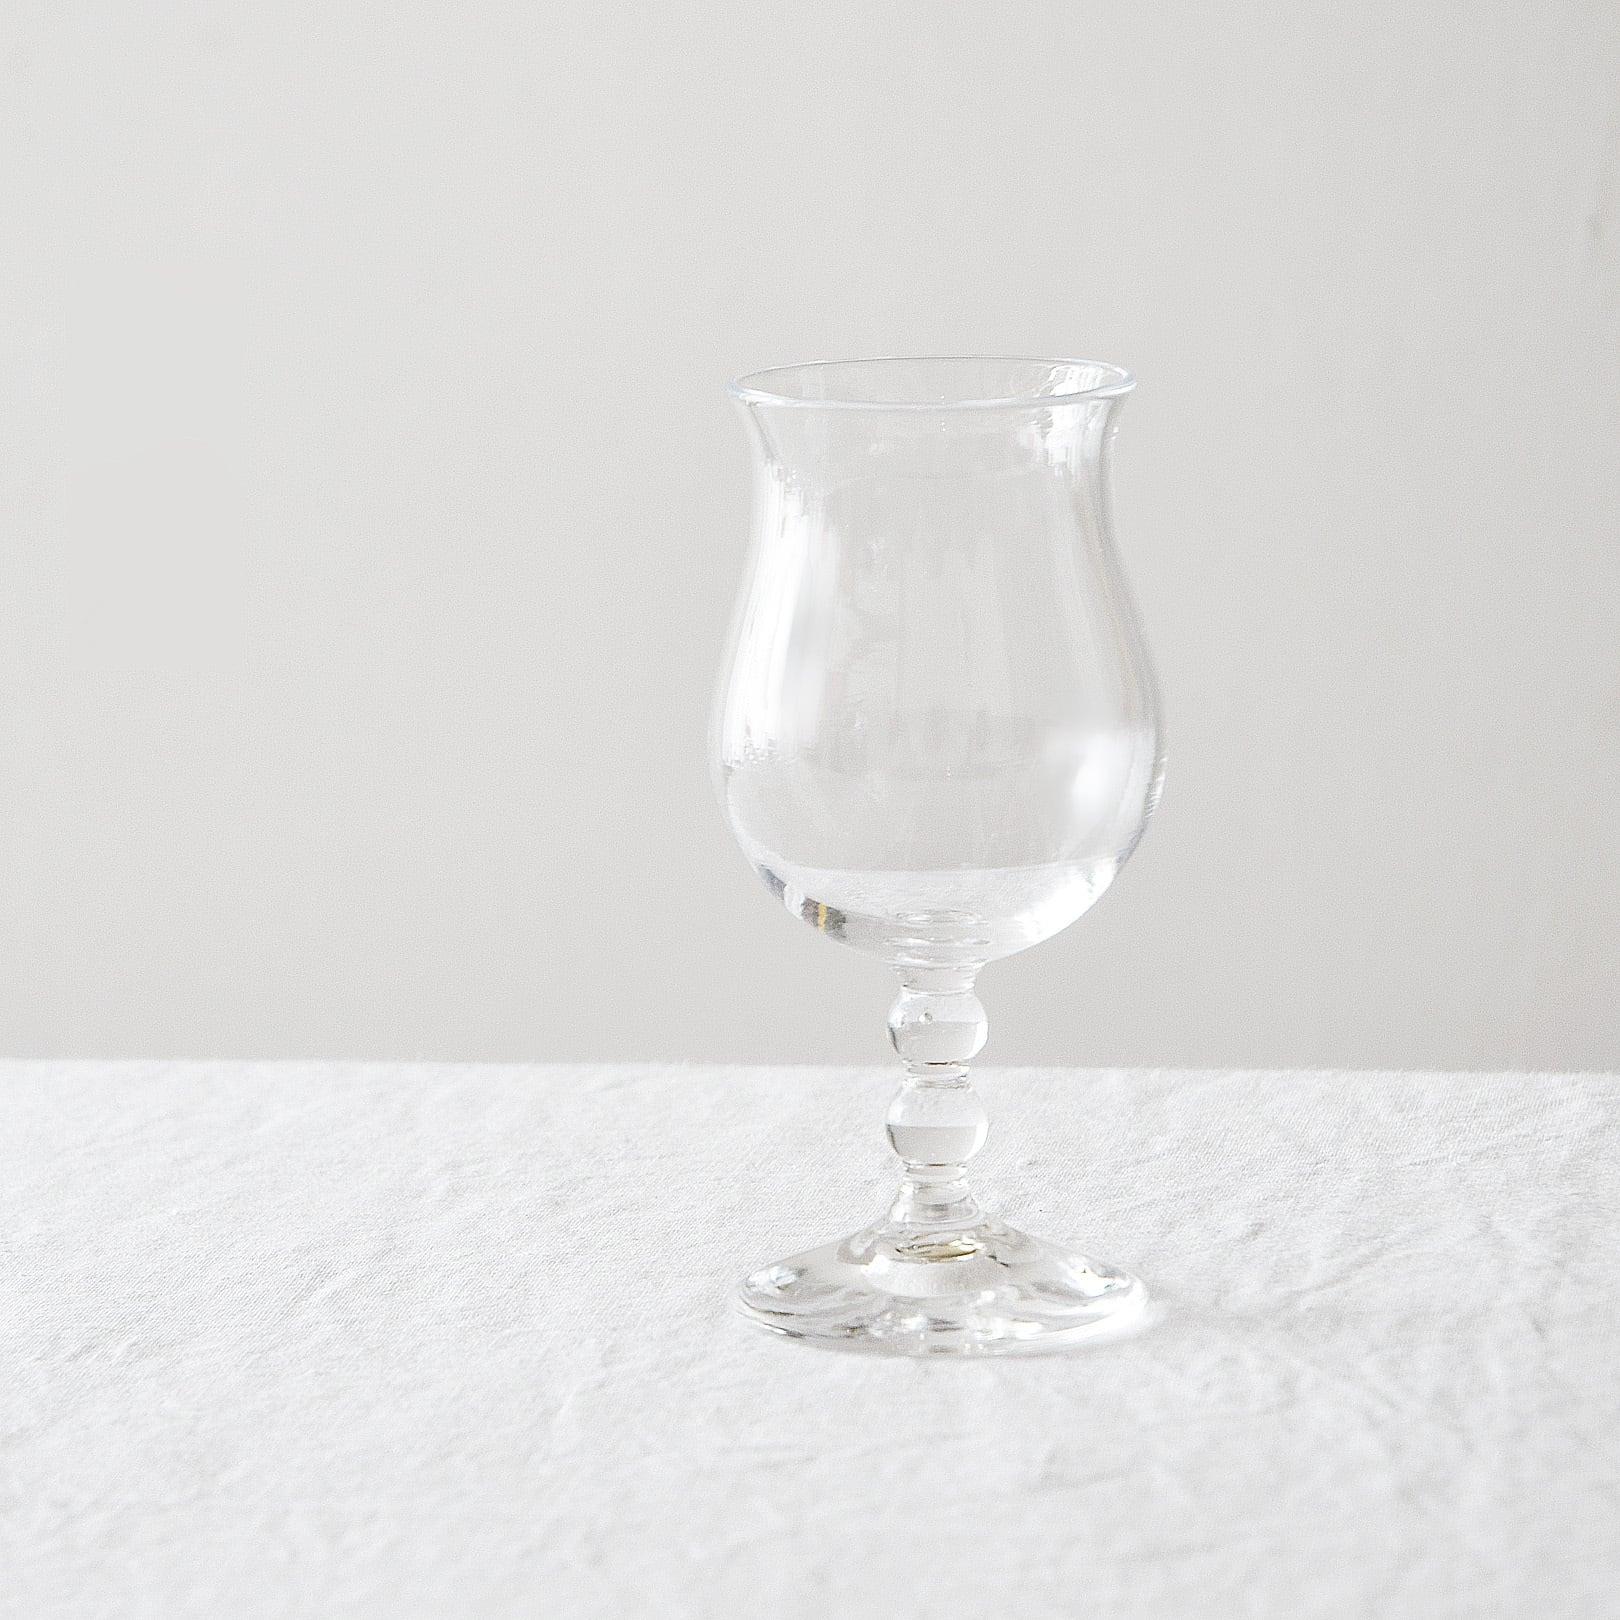 沖澤康平 KOHEI OKIZAWA  ワイングラスL1